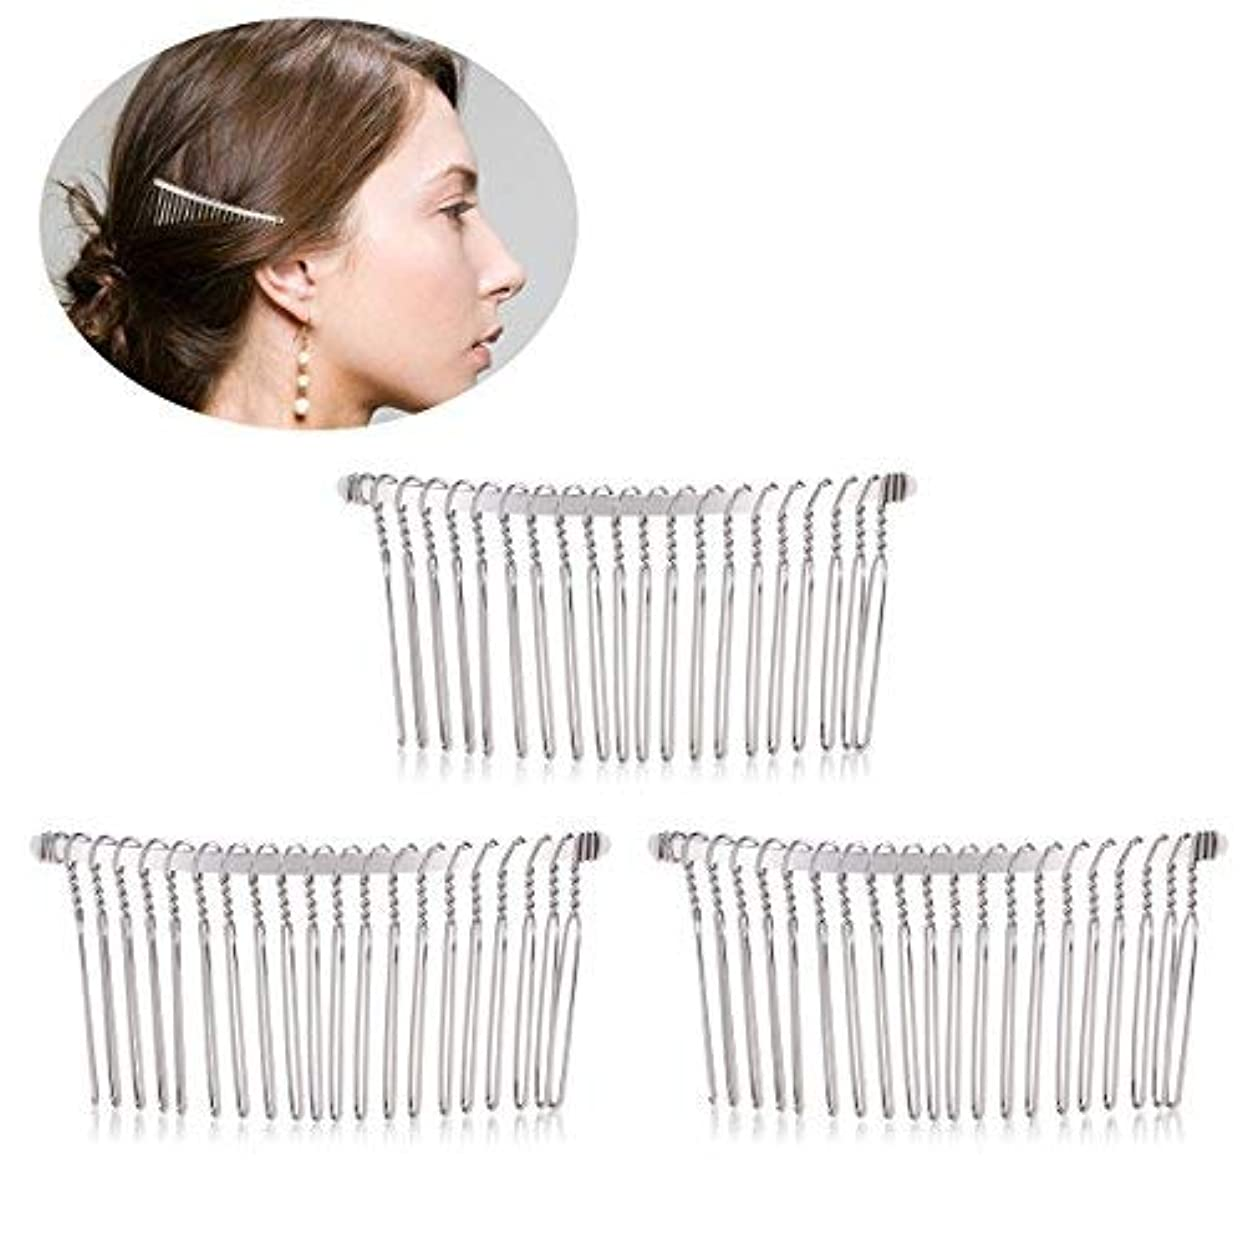 識別する千精通したPixnor 3pcs 7.8cm 20 Teeth Fancy DIY Metal Wire Hair Clip Combs Bridal Wedding Veil Combs (Silver) [並行輸入品]